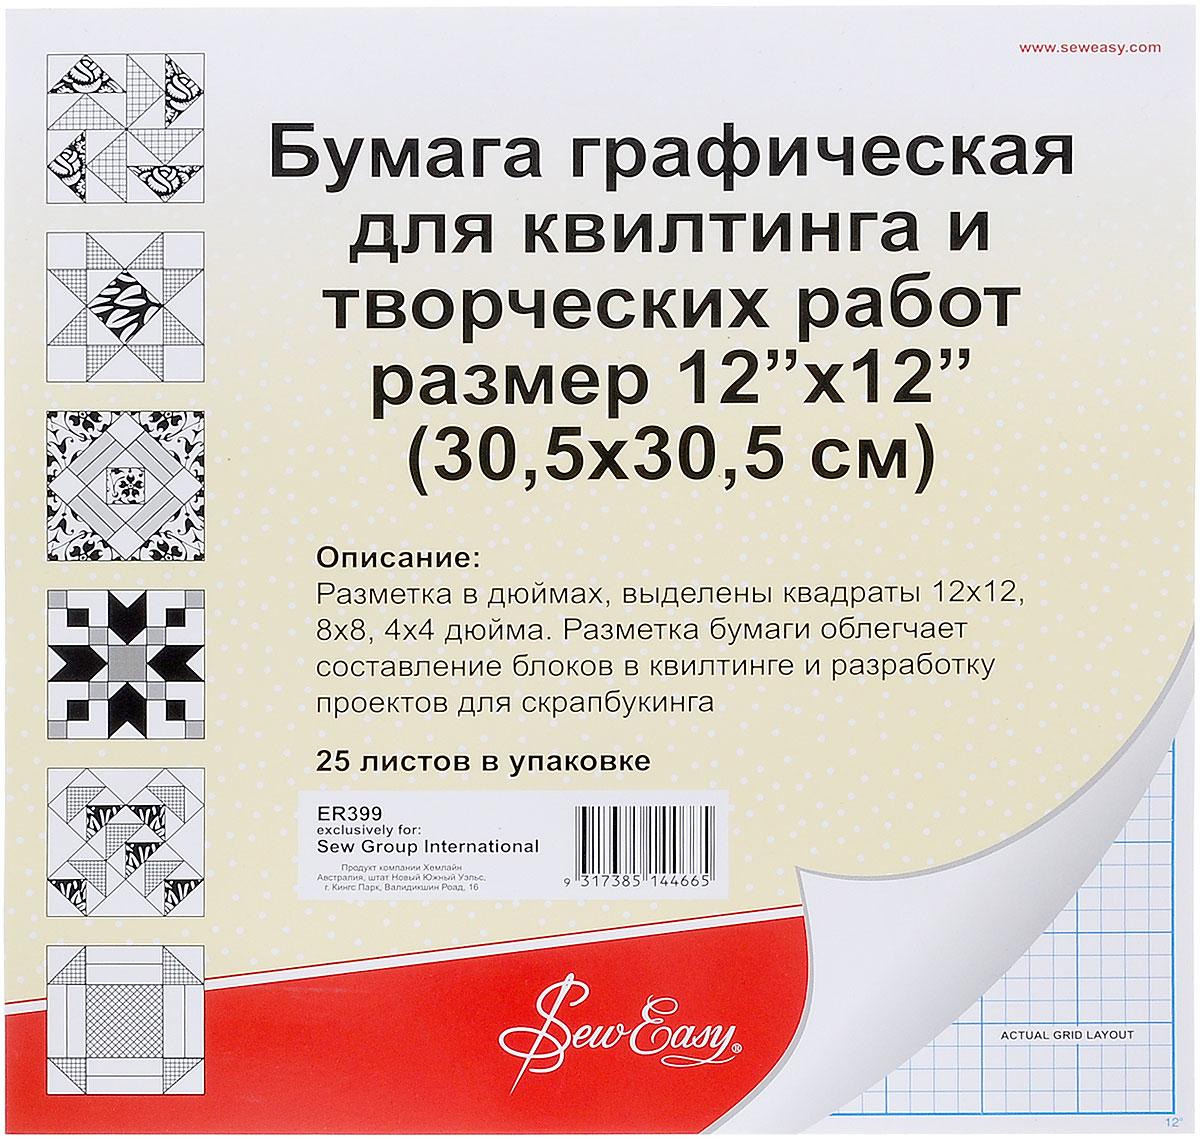 Бумага графическая Hemline, для квилтинга и творческих работ, 25 листовER399Графическая бумага Hemline позволяет расчерчивать блоки для пэчворка, дизайнерских проектов и скрапбукинга. Разметка в дюймах, выделены квадраты 4 х 4, 8 х 8, 12 х 12.Размер листа: 30,5 х 30,5 см.